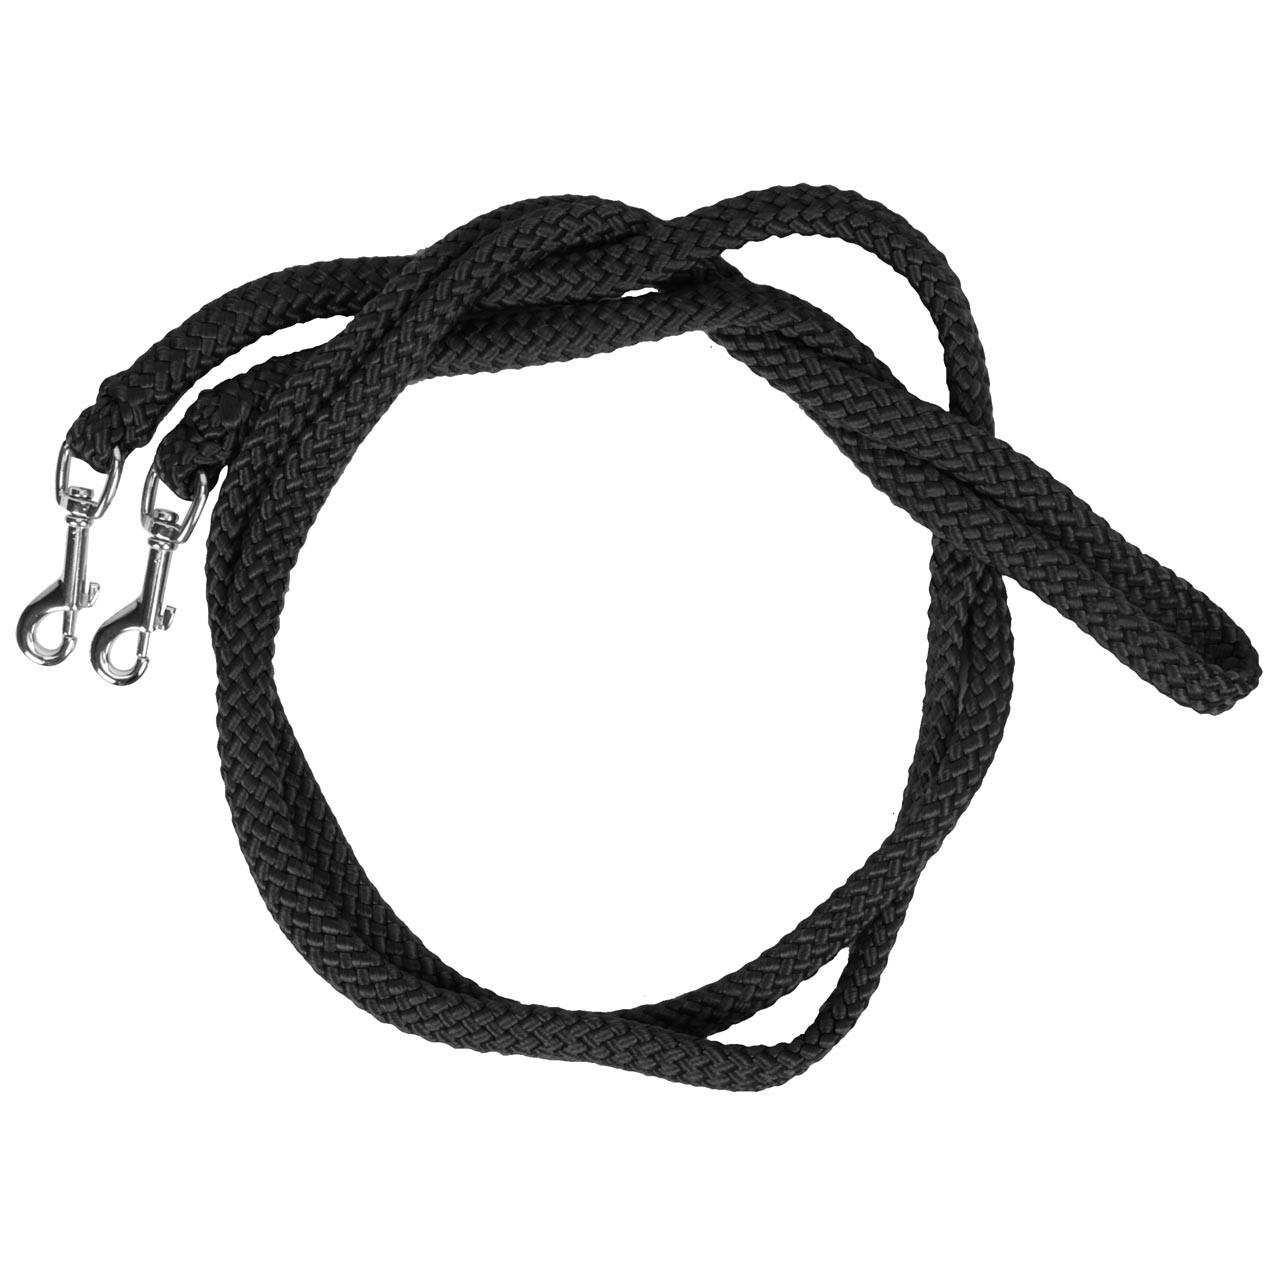 Horse Charms touwteugels zwart maat:m